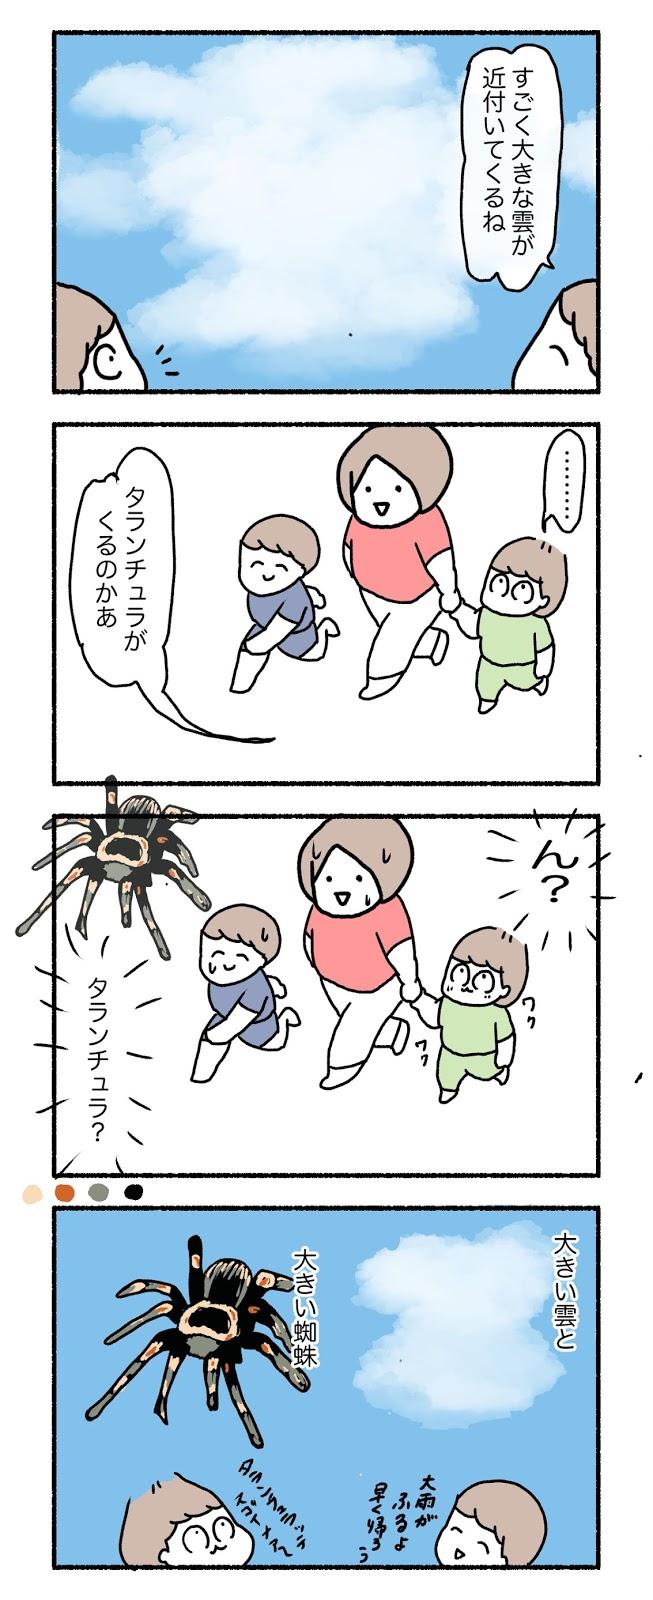 大きい雲と大きい蜘蛛(タランチュラ)の聞き間違え4コマ漫画